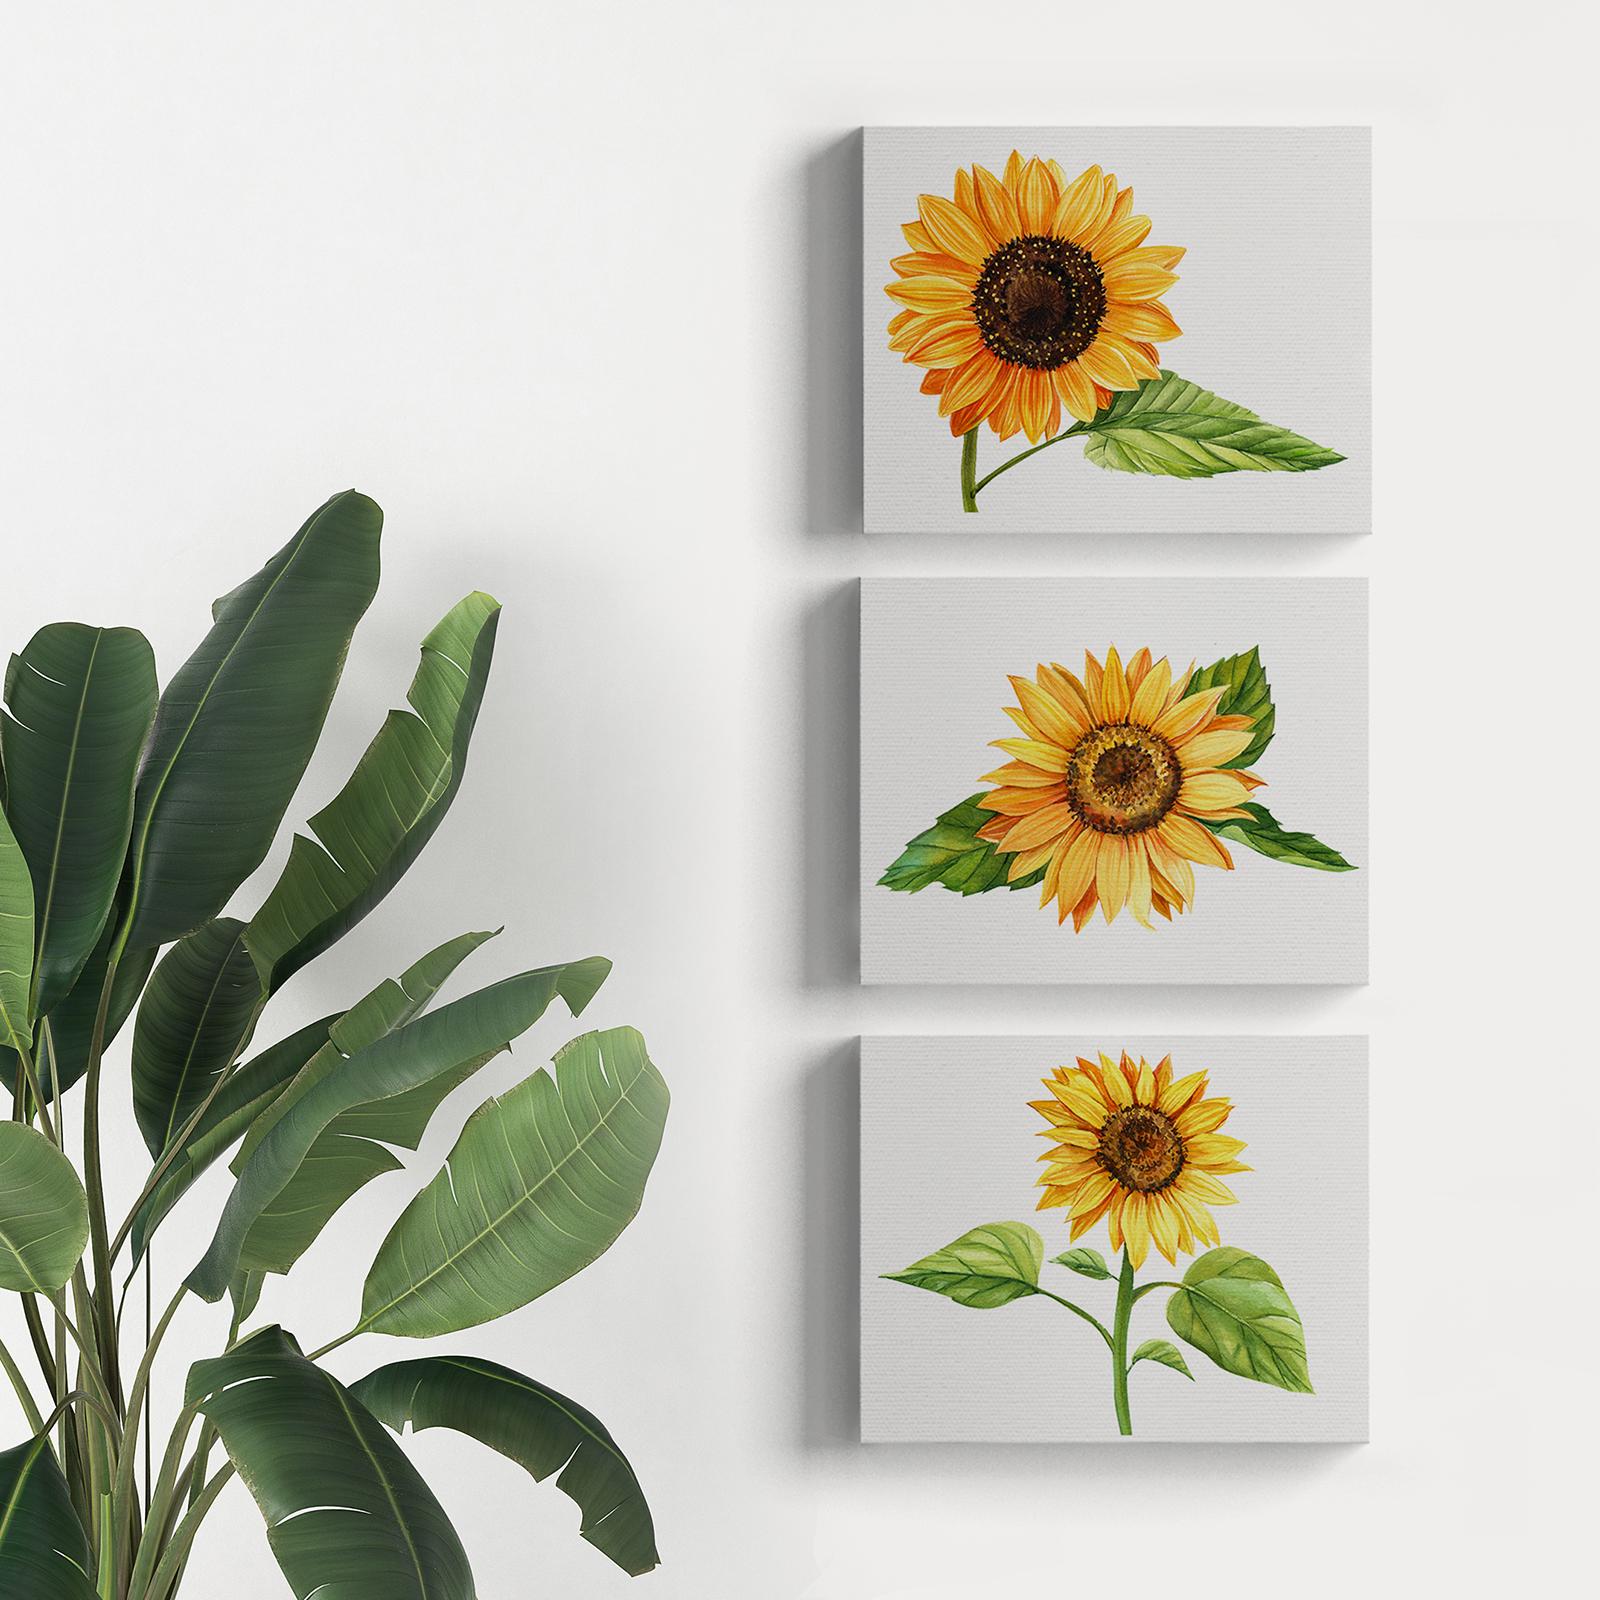 Lukisan Dekorasi Sunflower Poster Kanvas Hiasan Dinding Bunga